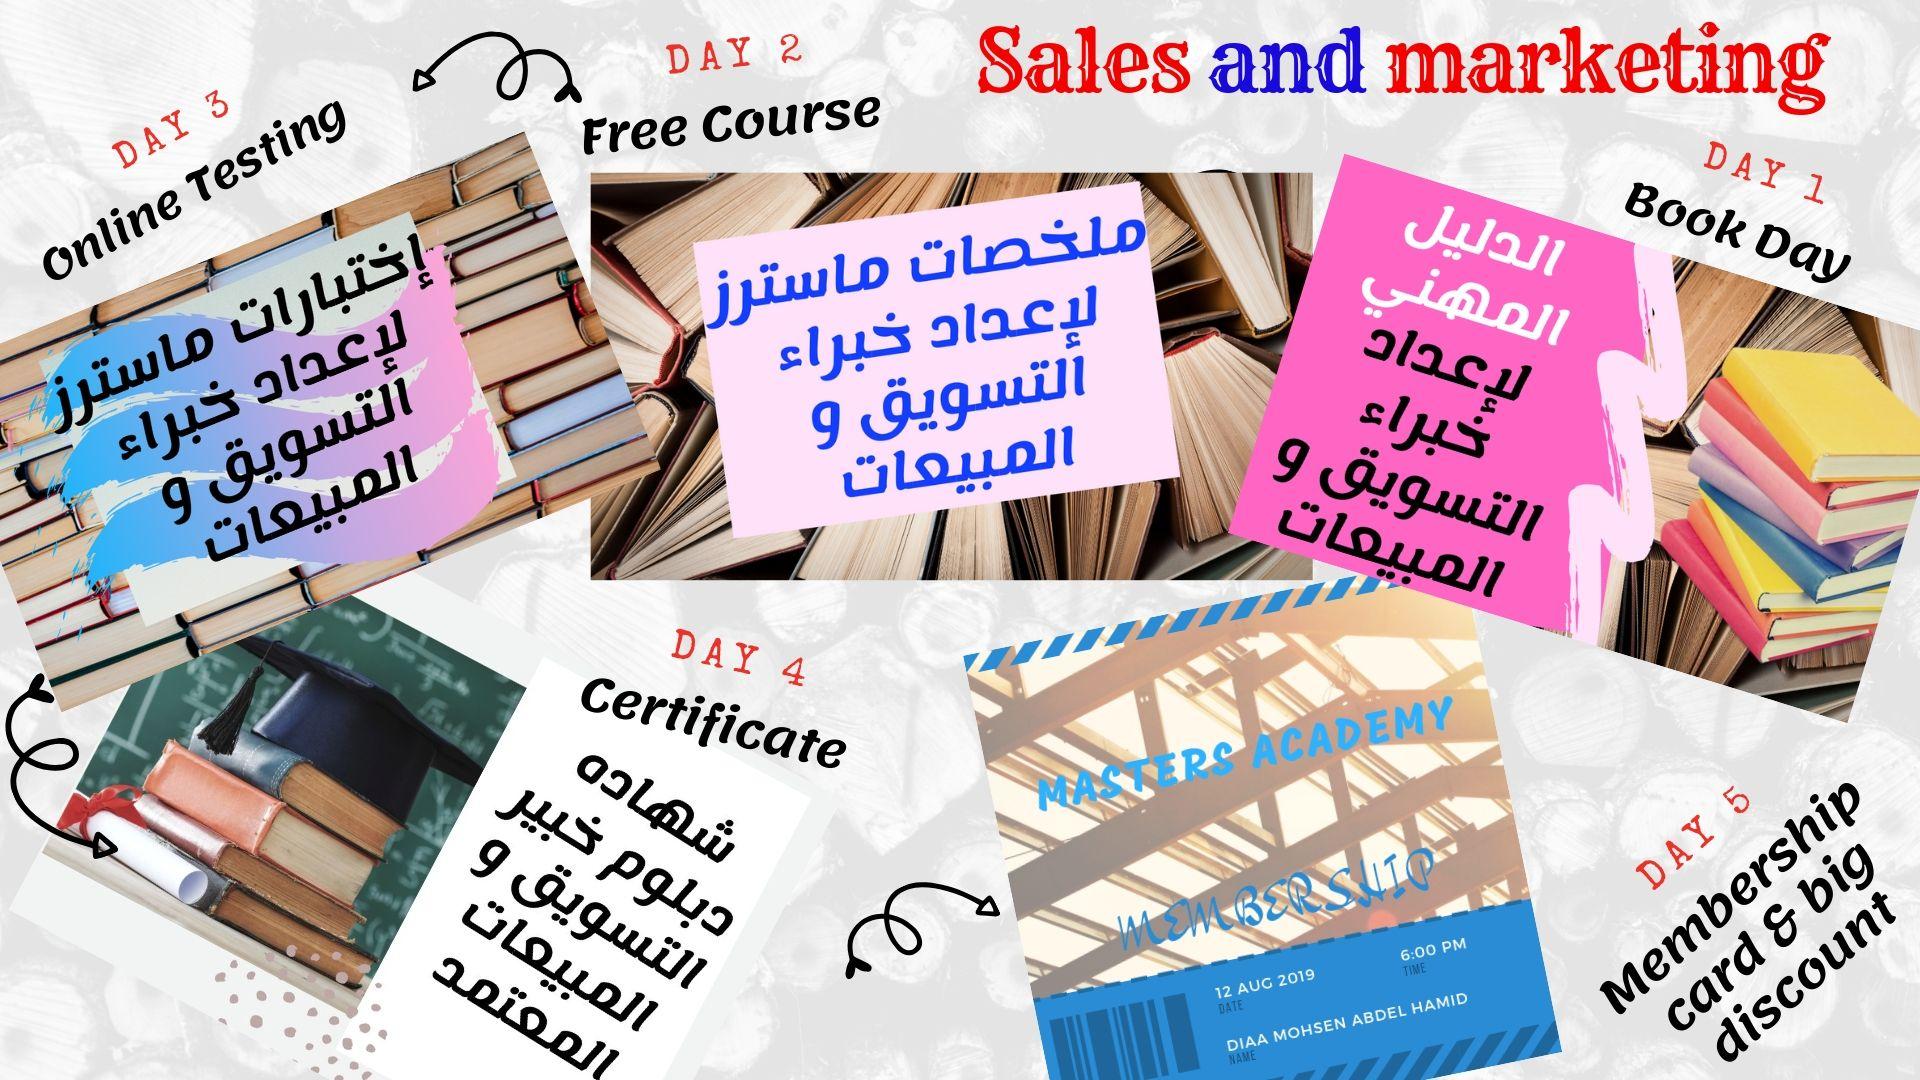 إعداد خبراء التسويق و المبيعات